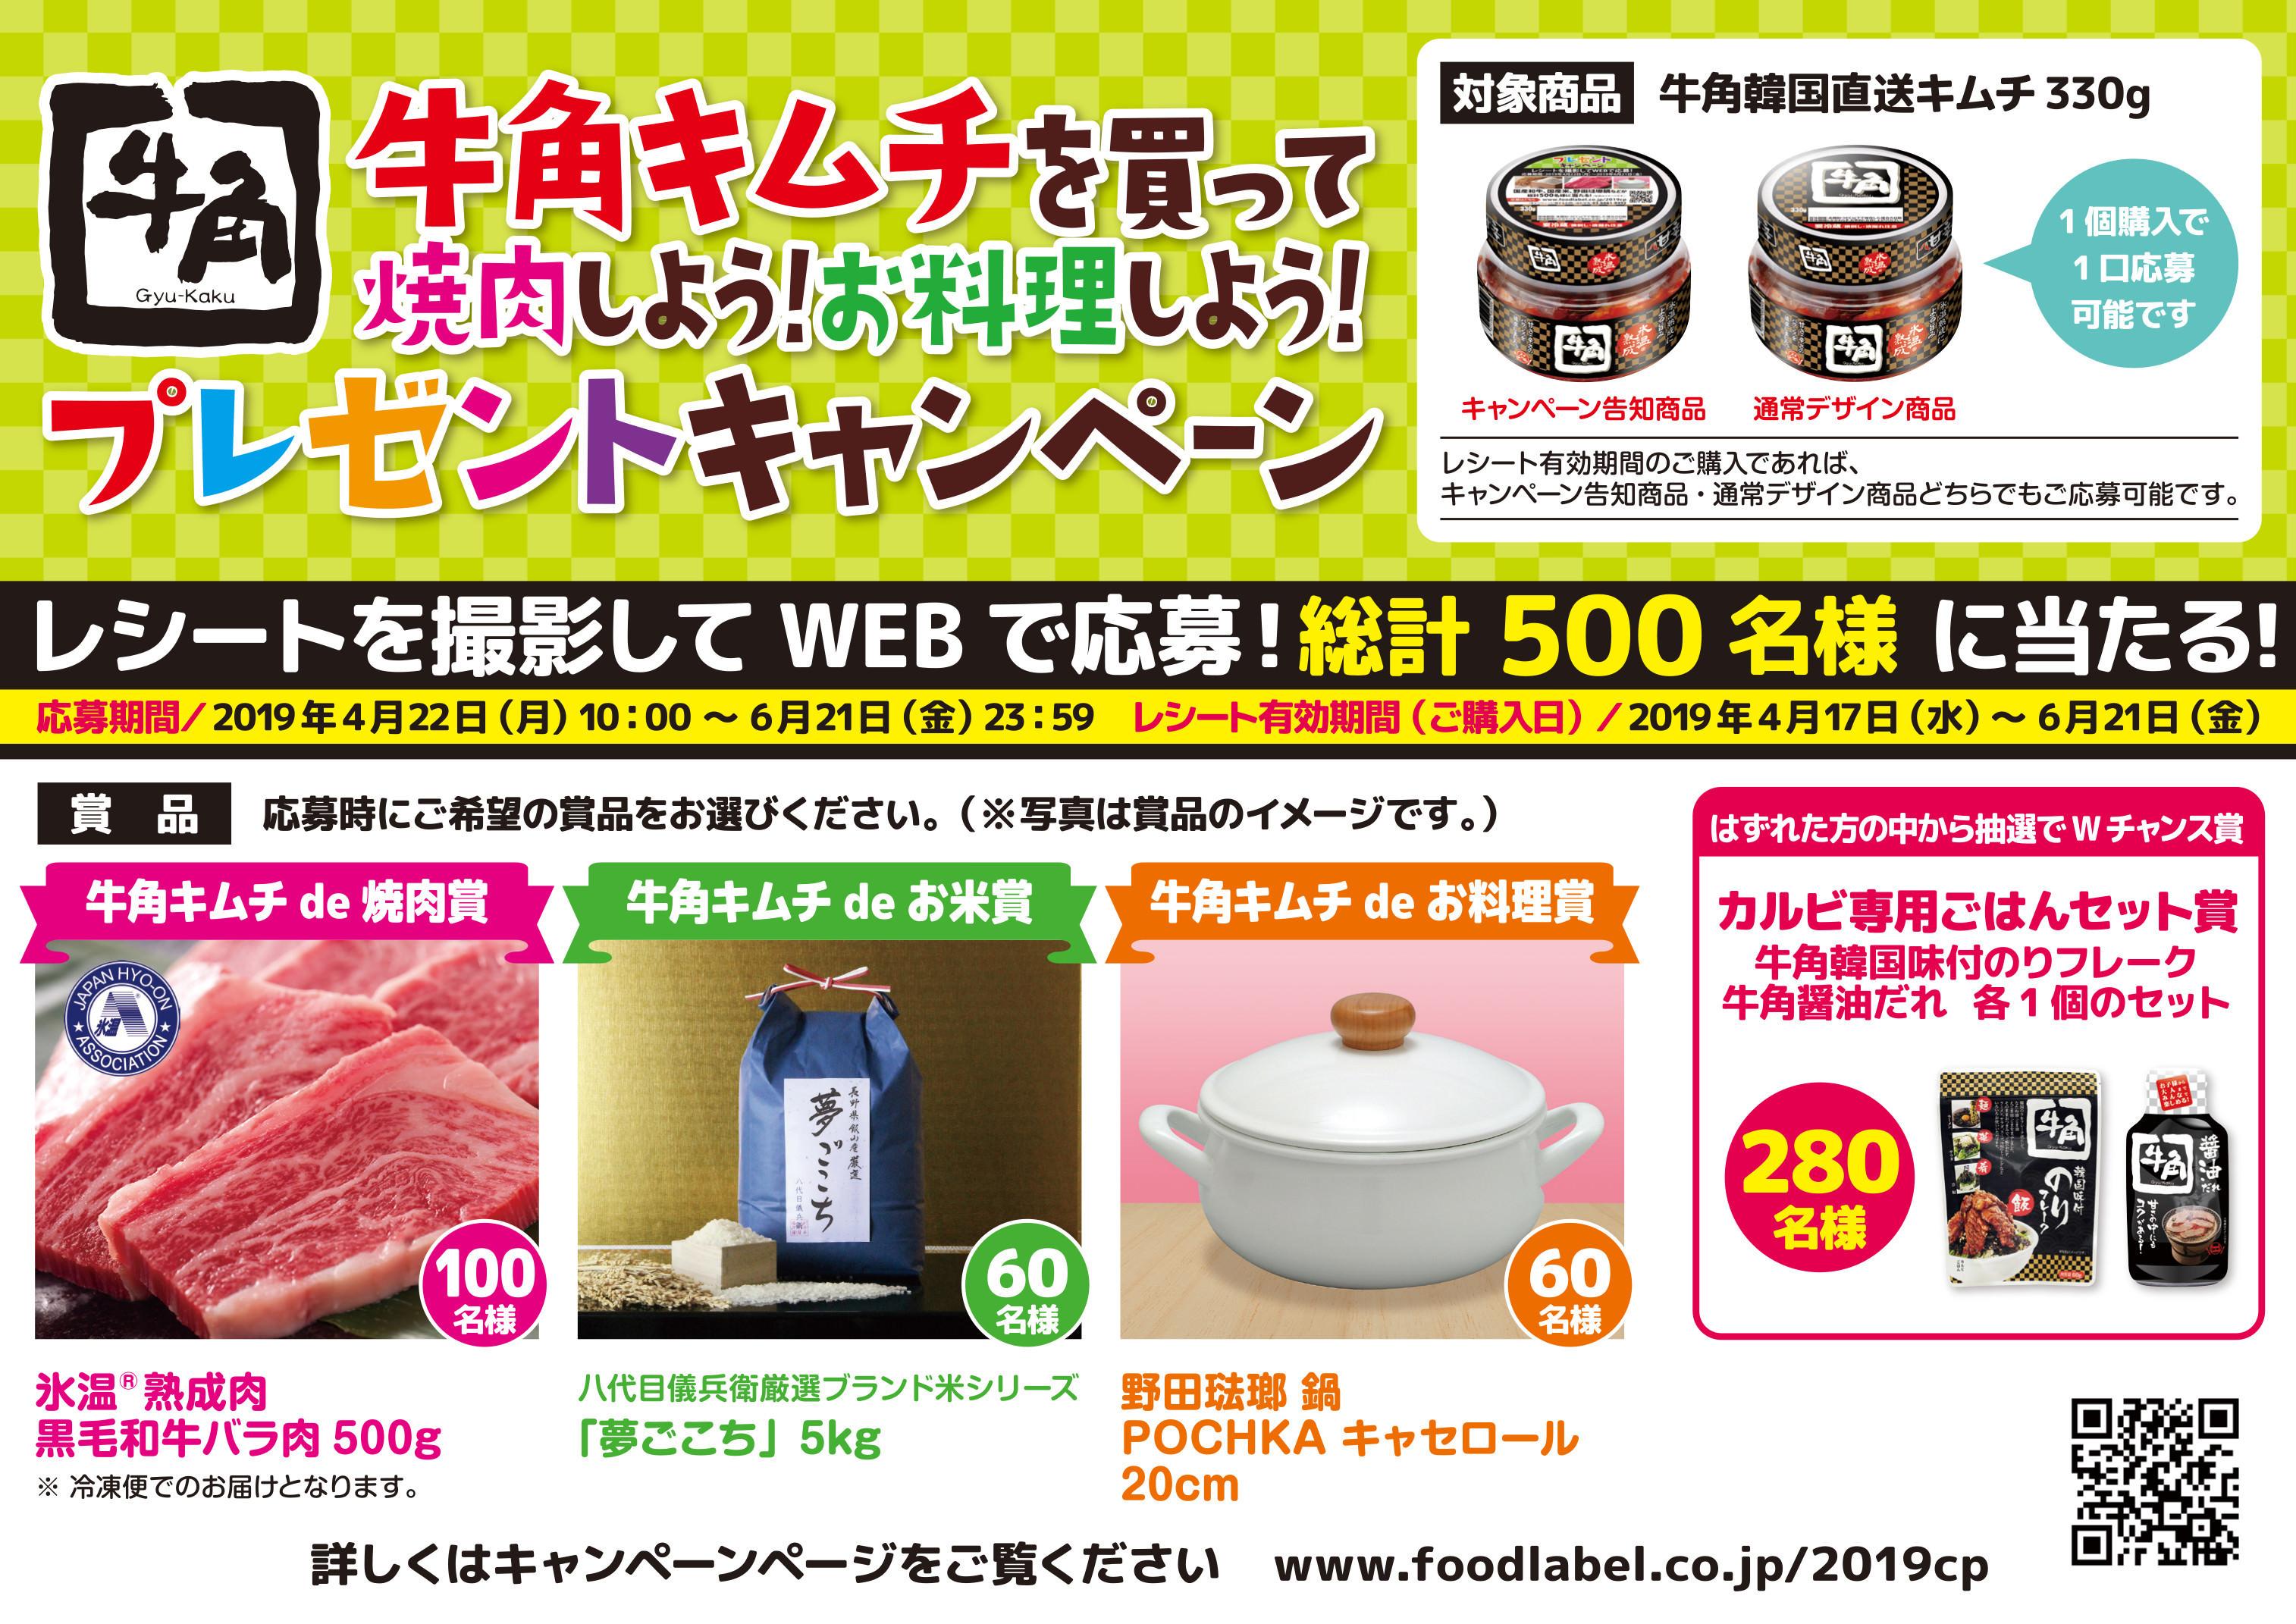 黒毛和牛やブランド米が当たるプレゼントキャンペーン! 4月22日から全国で実施 ~牛角キムチを買ってWEBで応募~